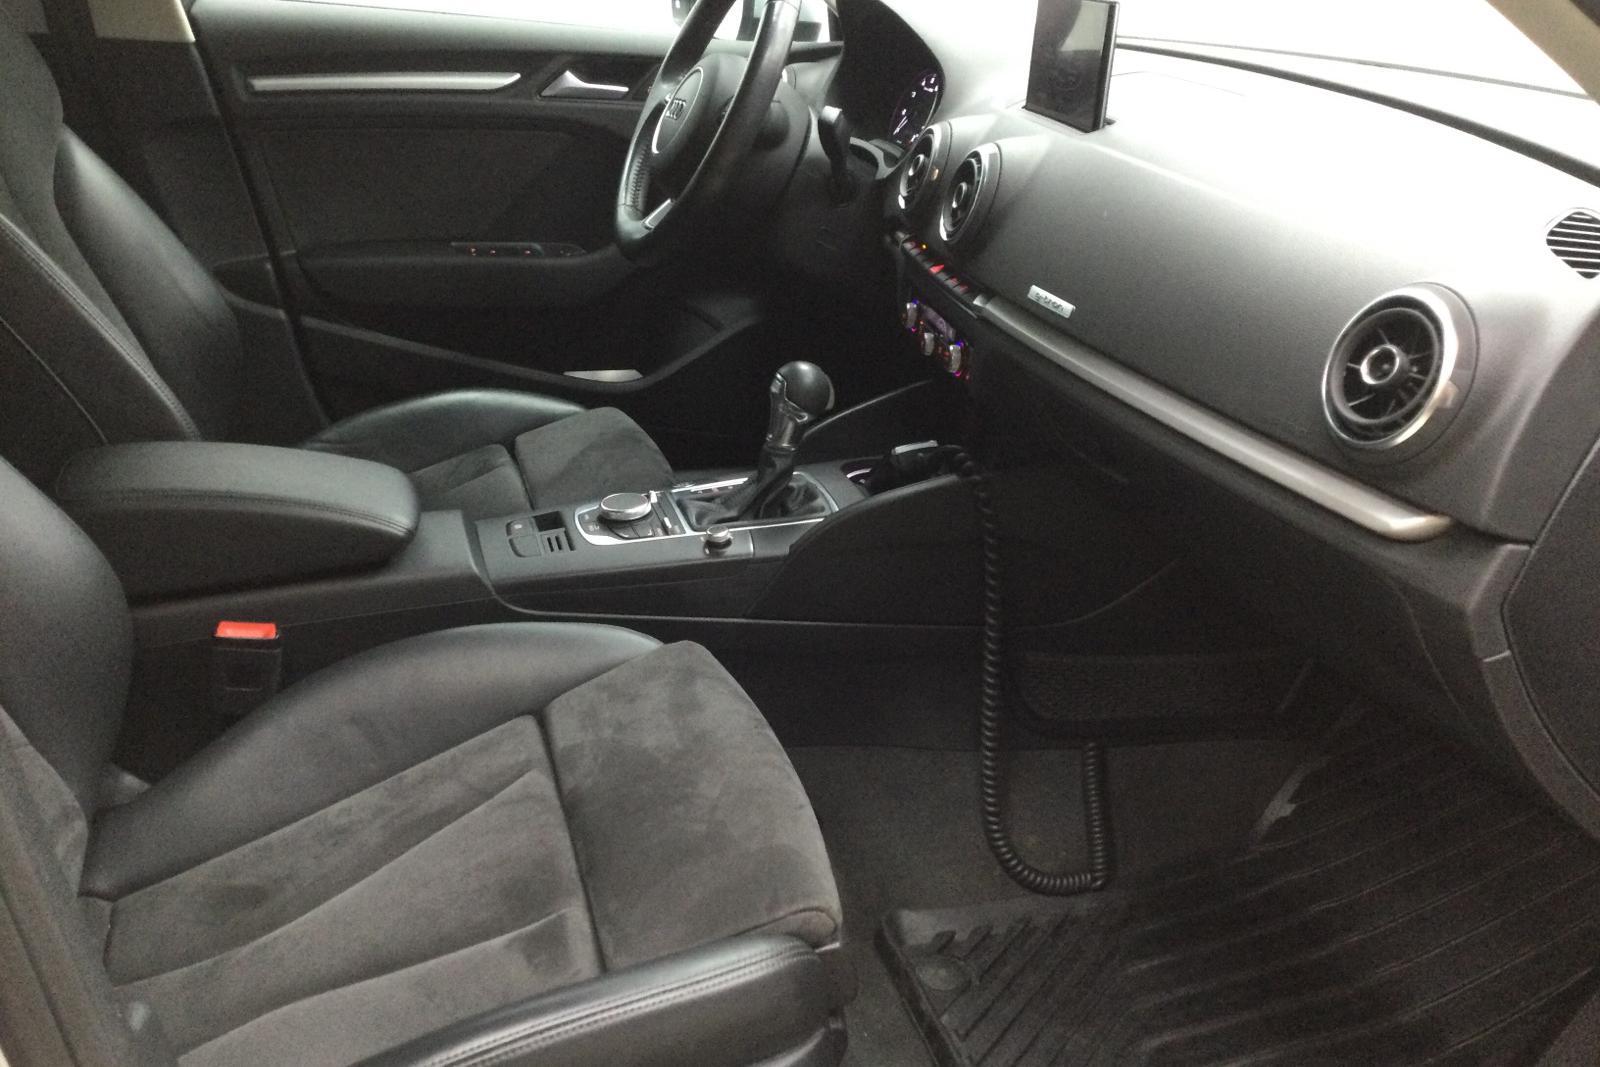 Audi A3 1.4 TFSI g-tron Sportback (110hk) - 7 257 mil - Automat - silver - 2016